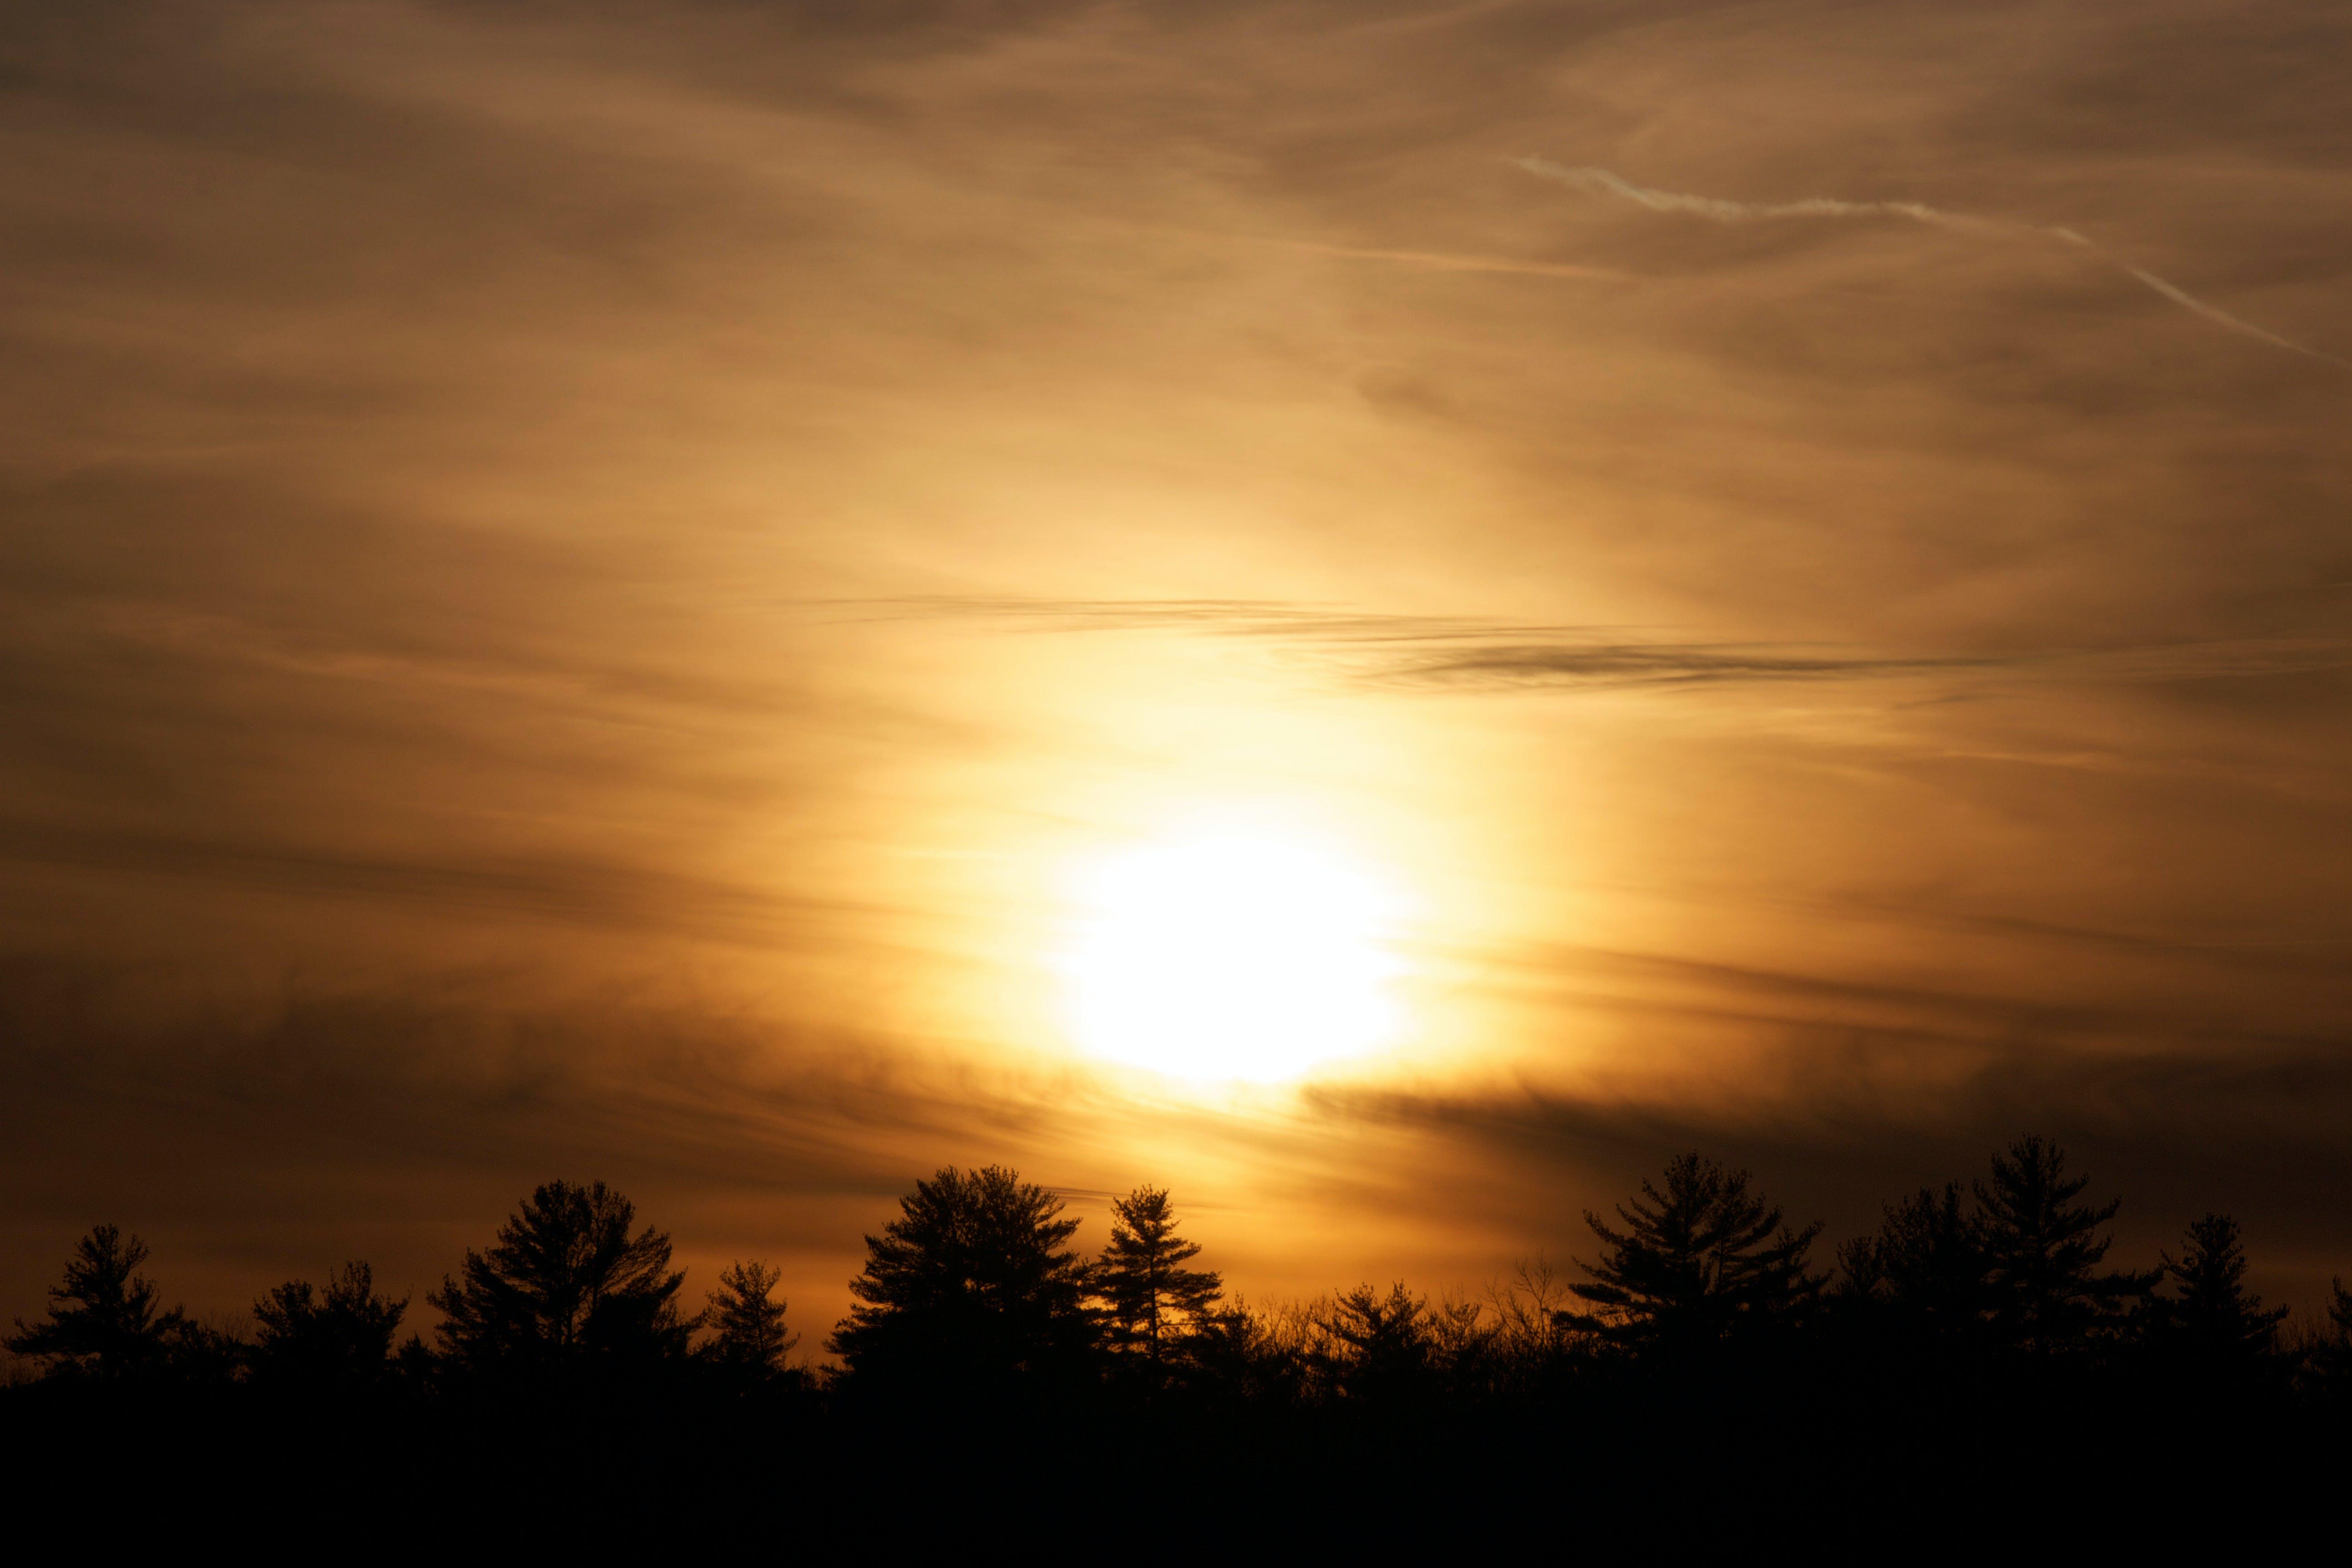 clouds, dusk, sun